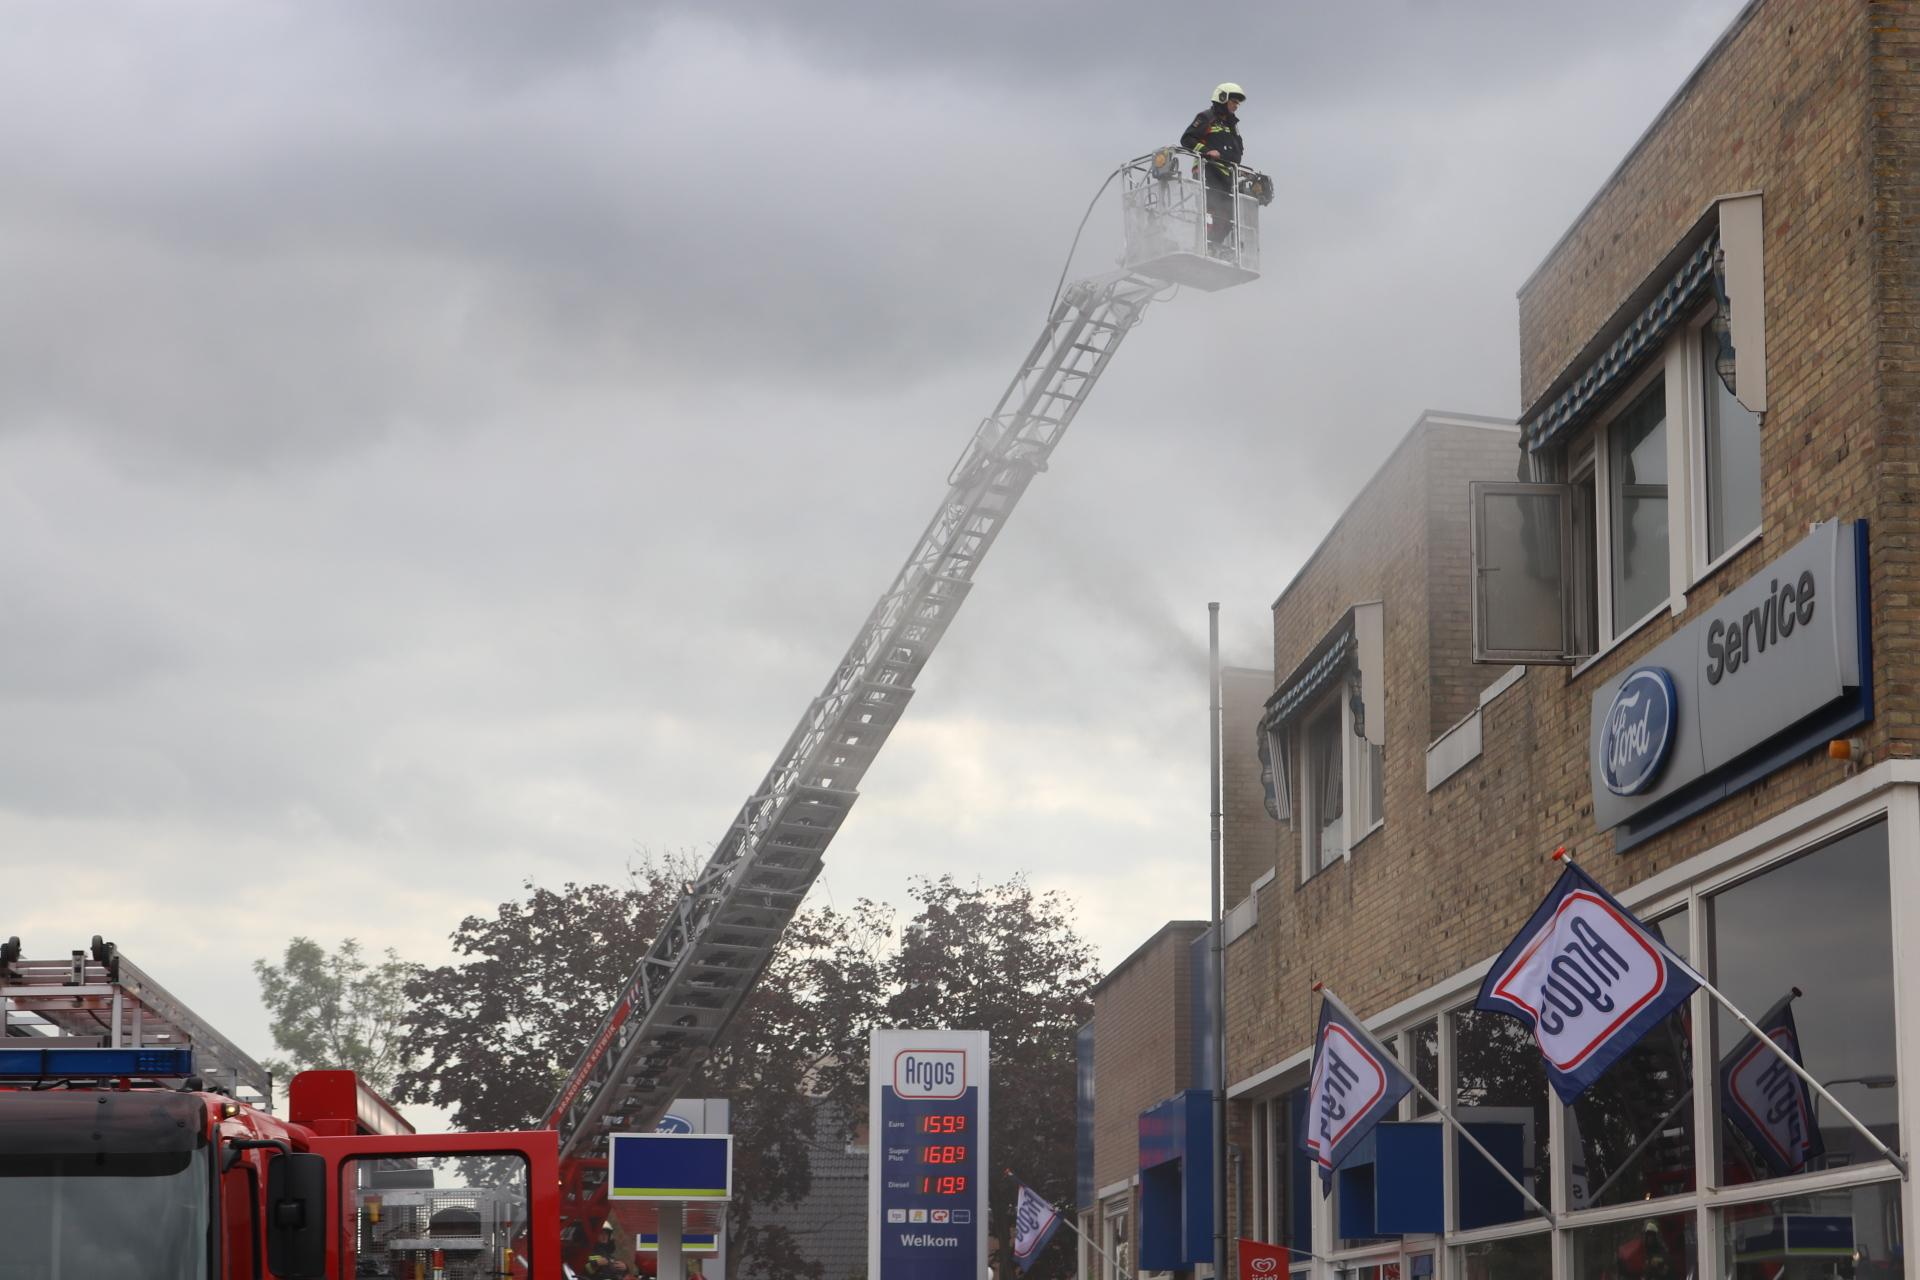 Felle keukenbrand zet straat in Rijnsburg in mist